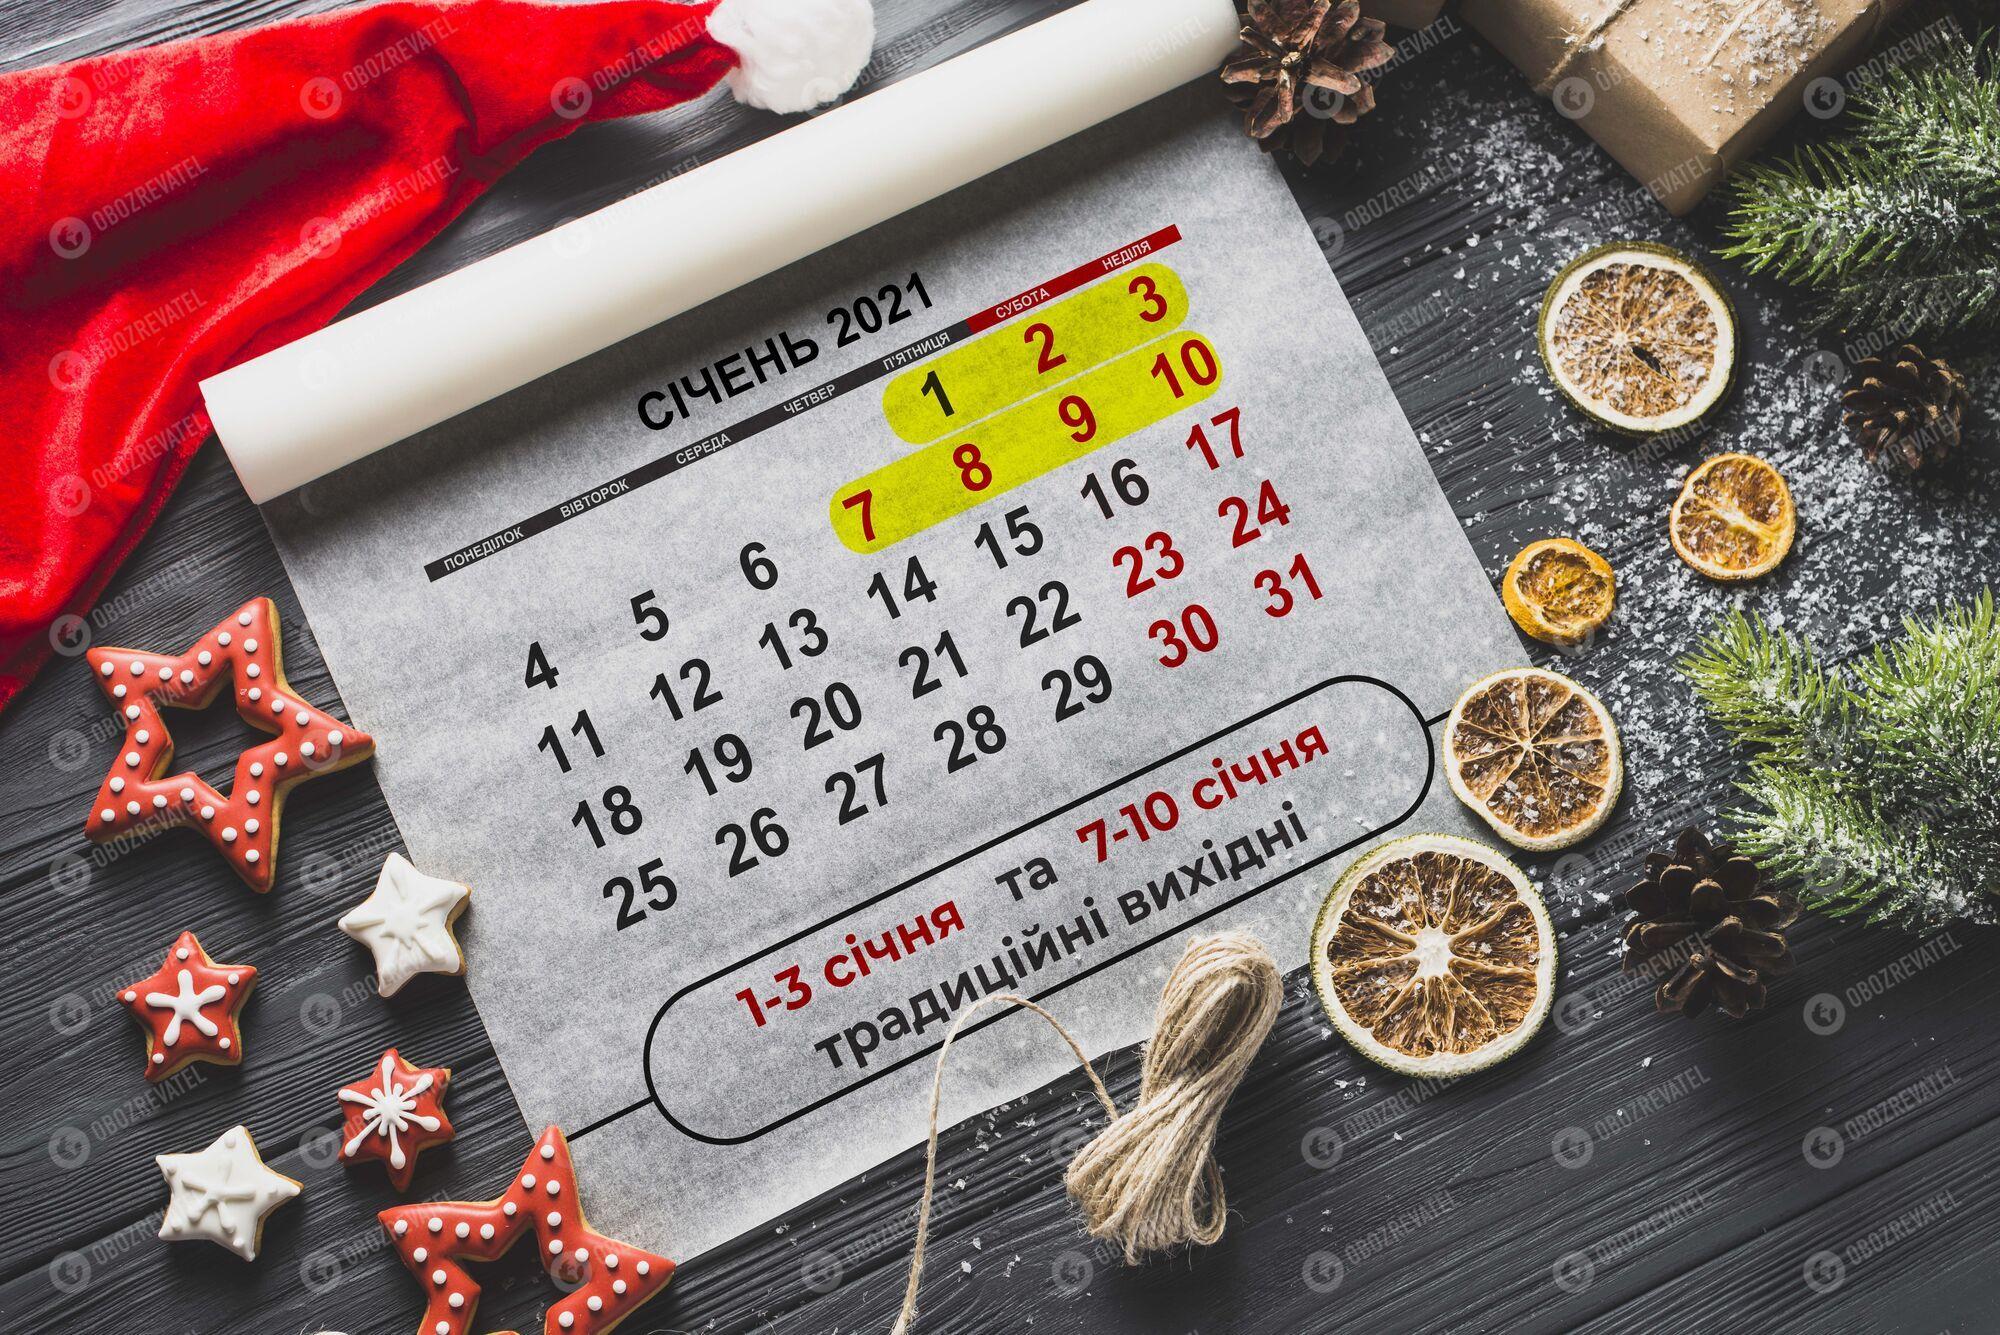 Рождество, 7 января, в 2021 году приходится на четверг